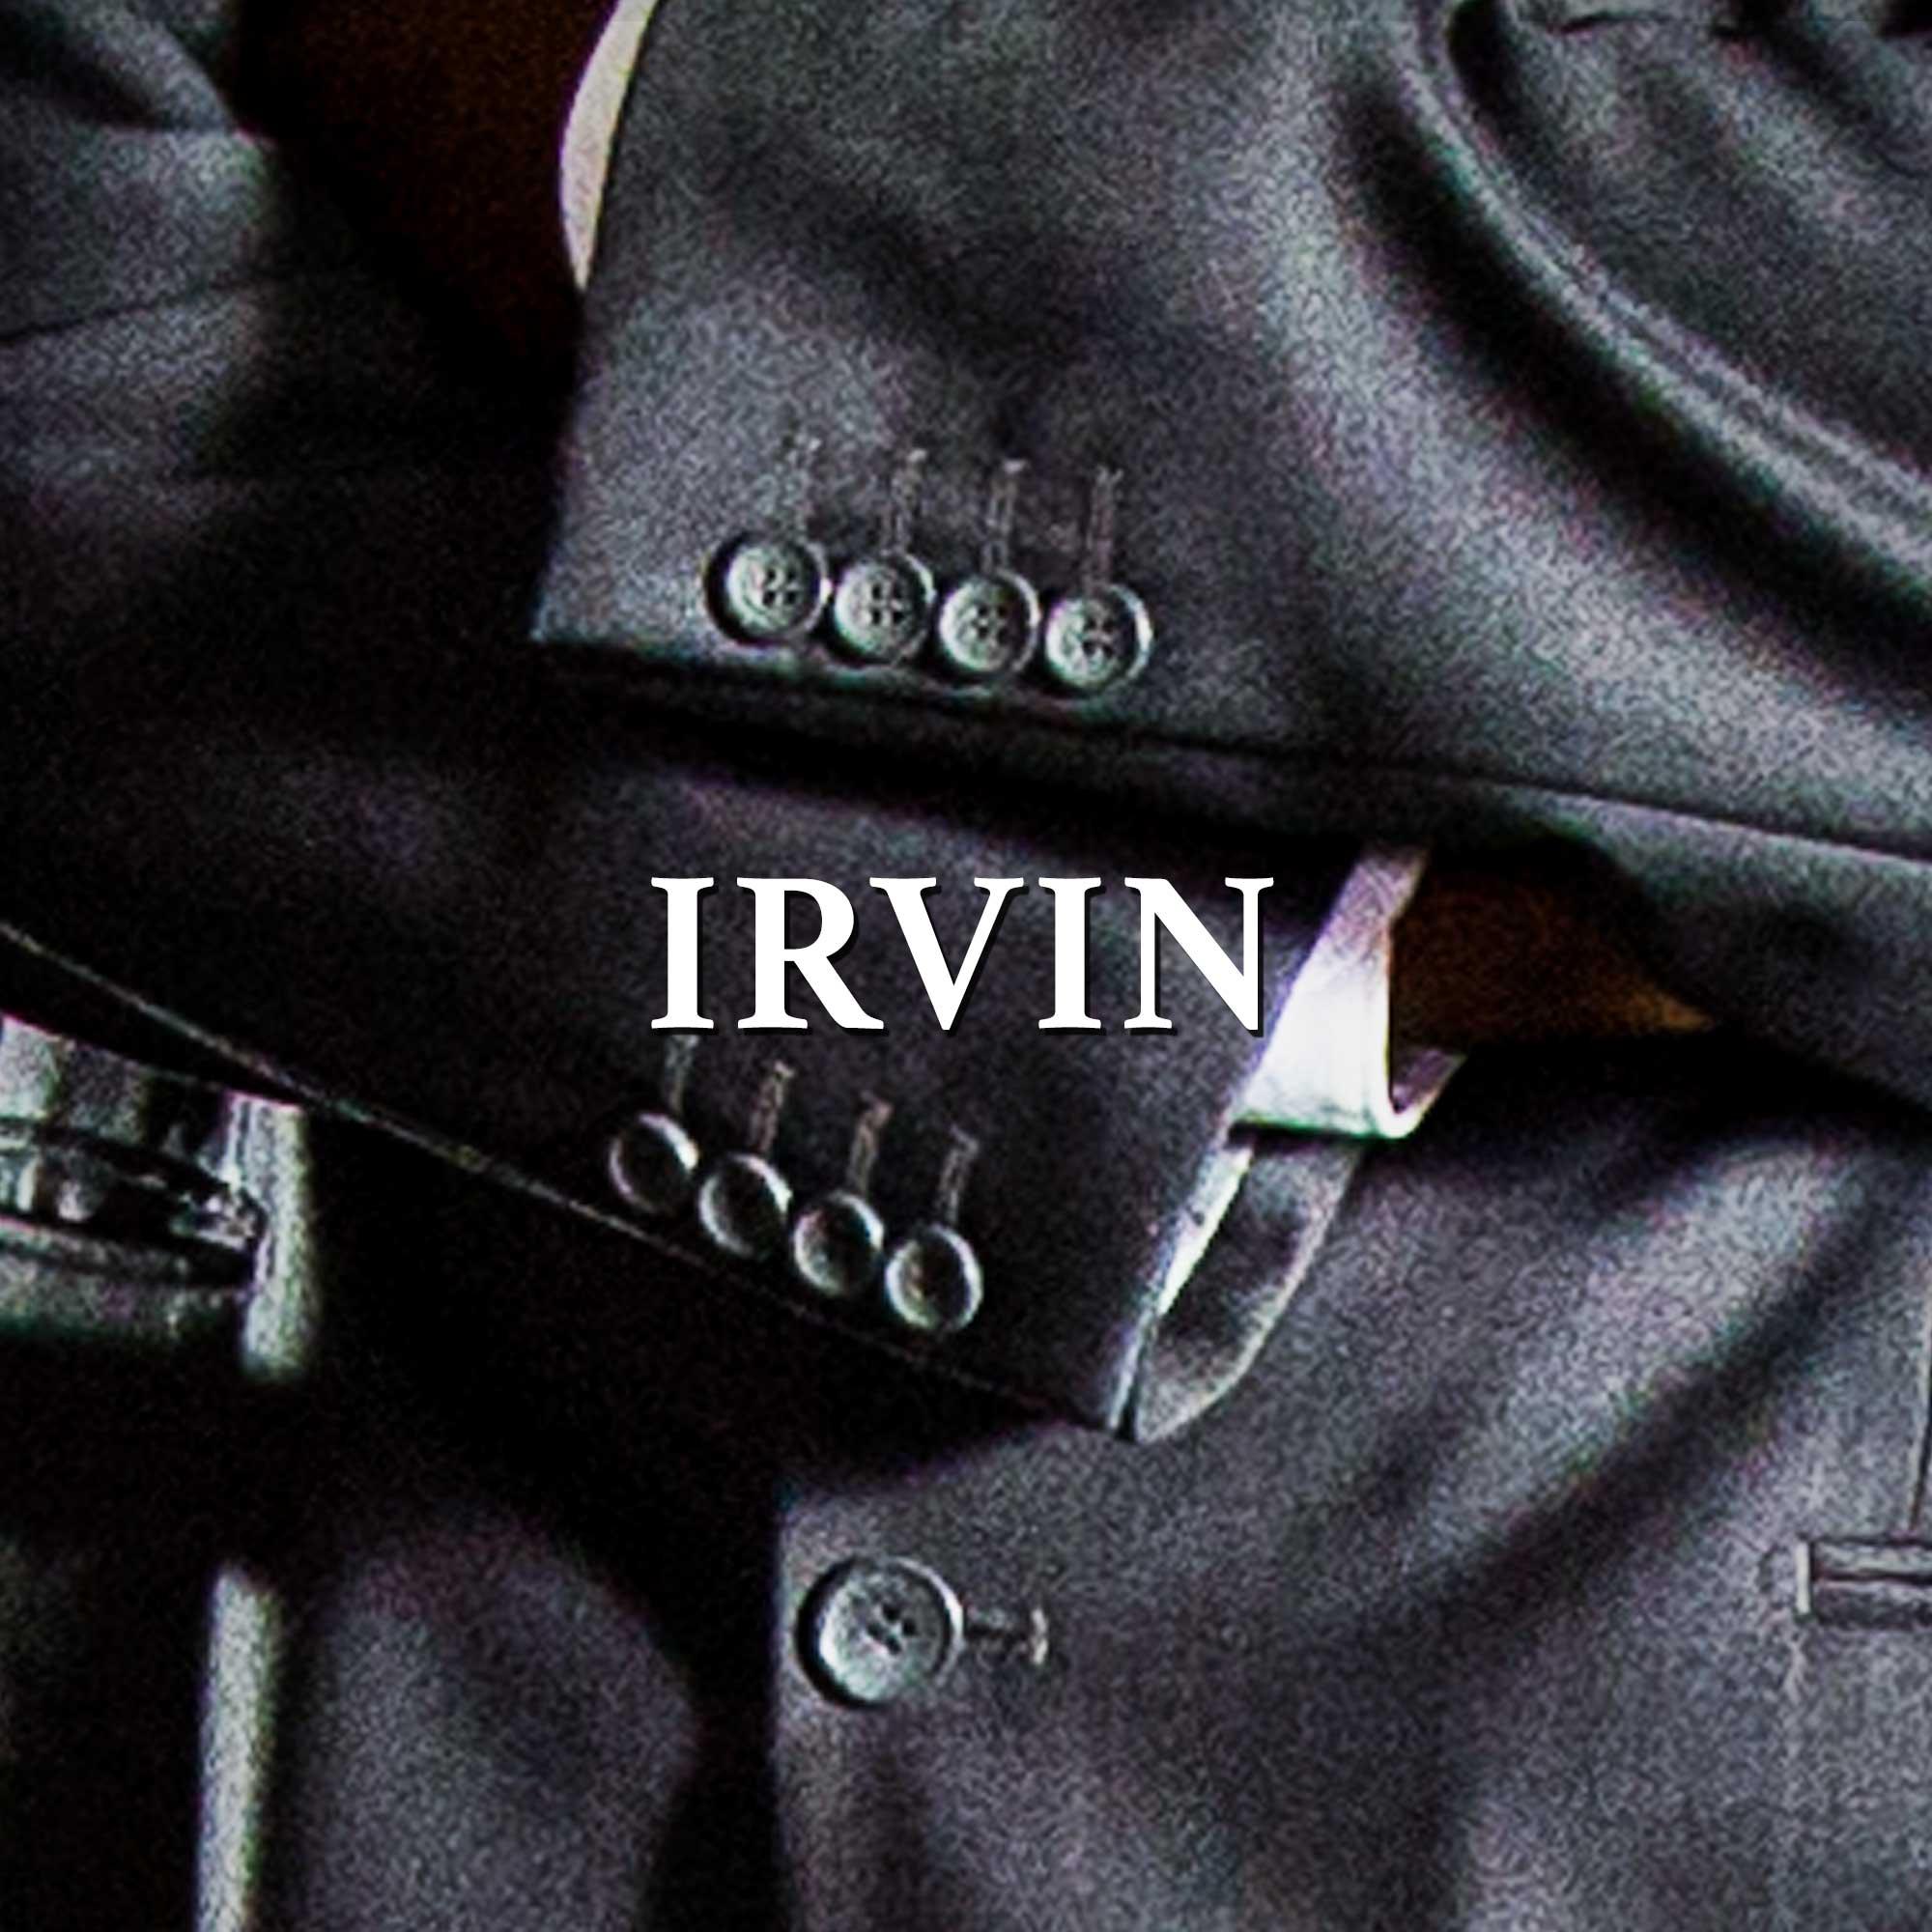 irvin-tile.jpg